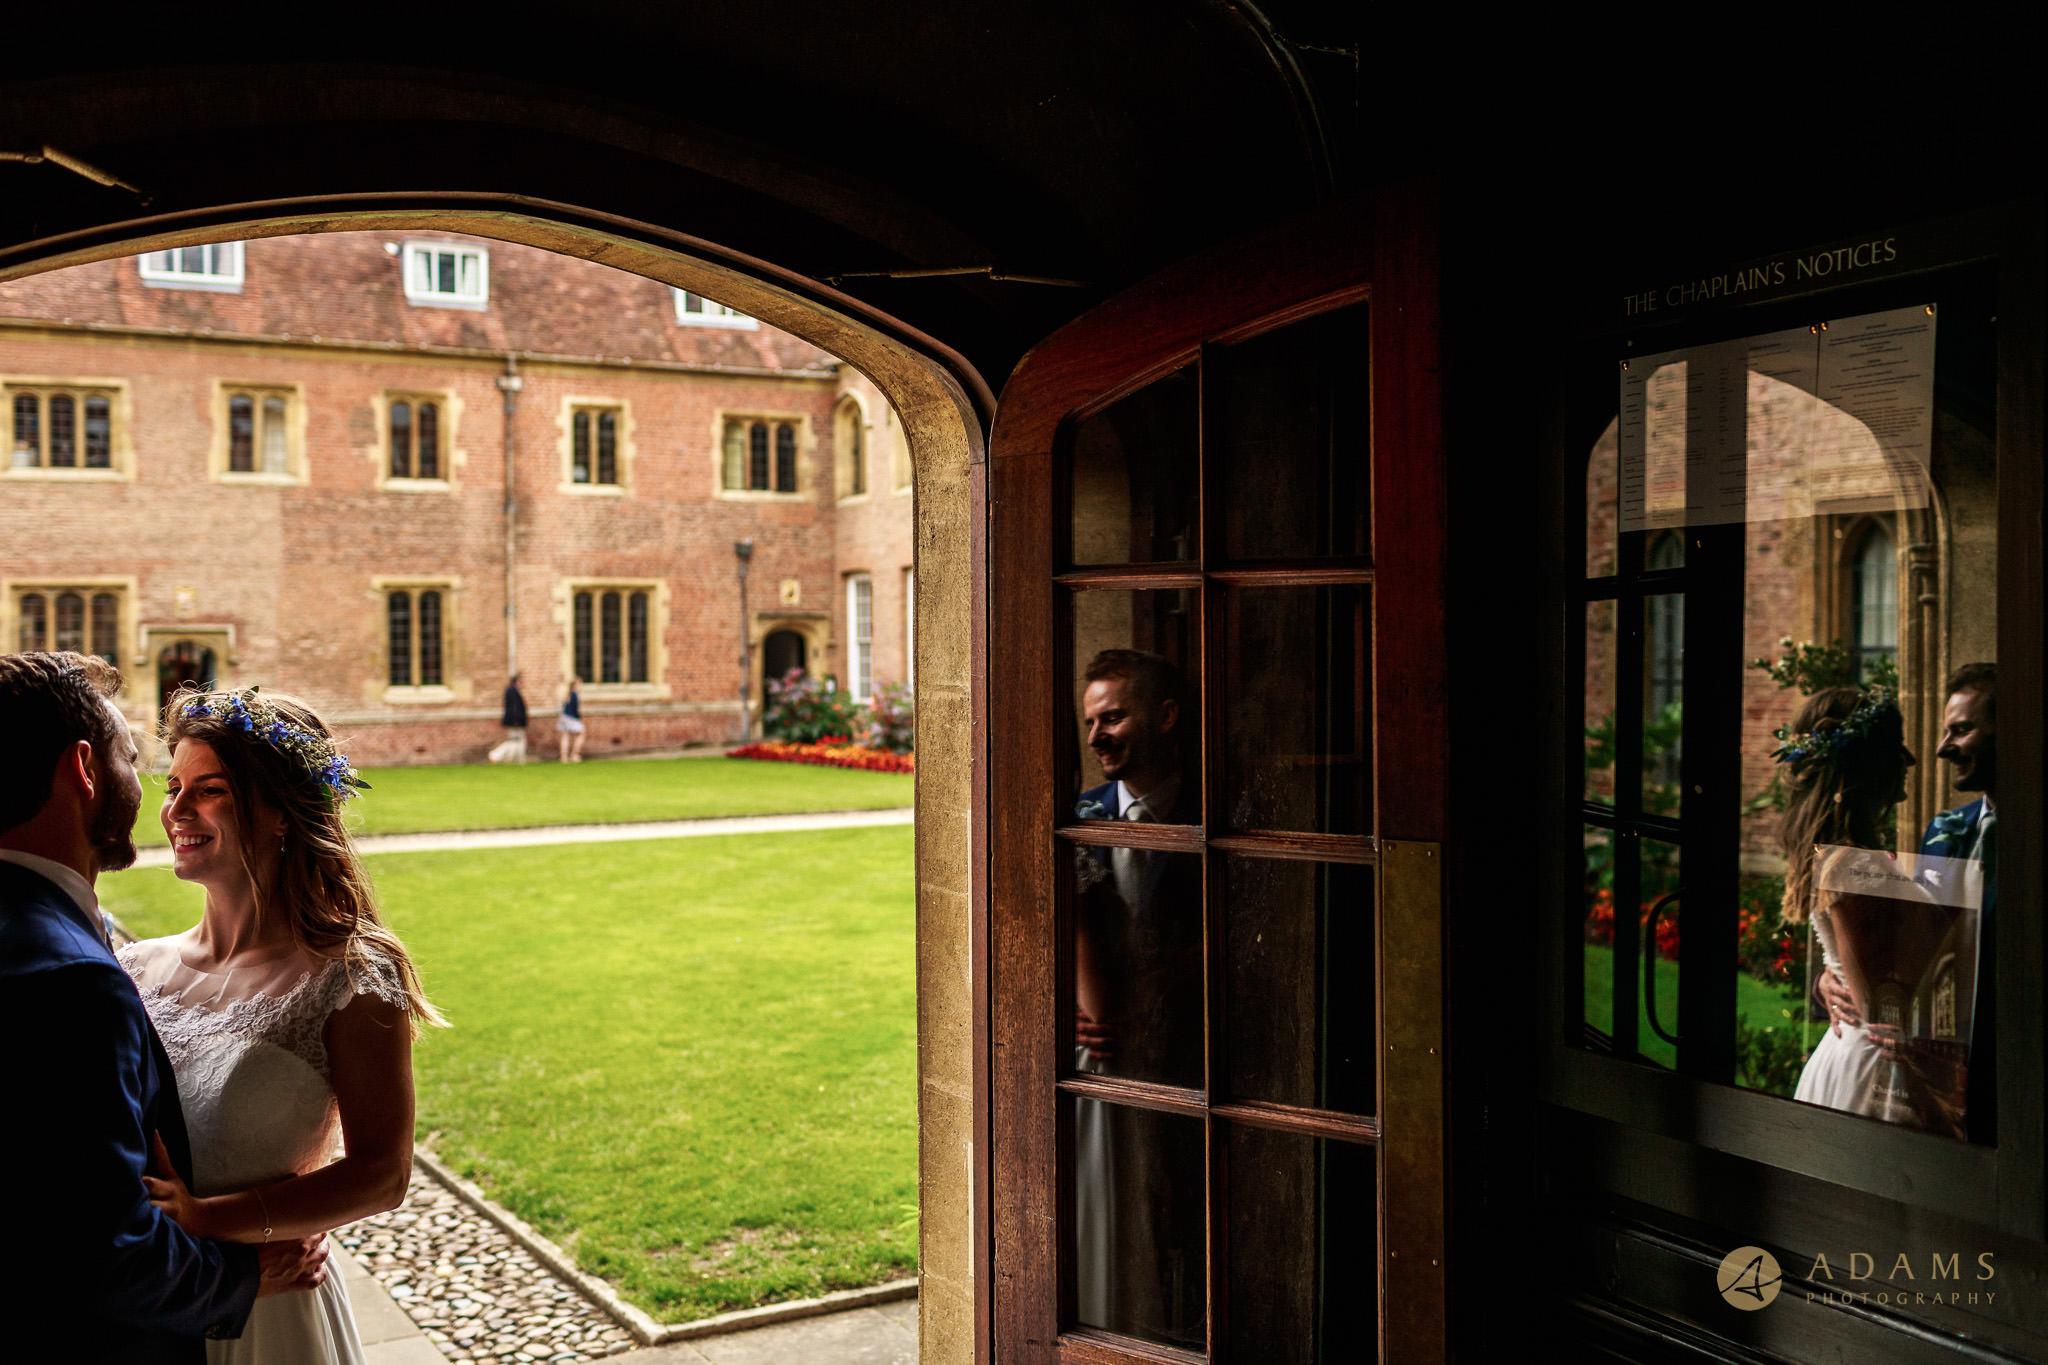 Cambridge Photographer couple portrait in the doorway